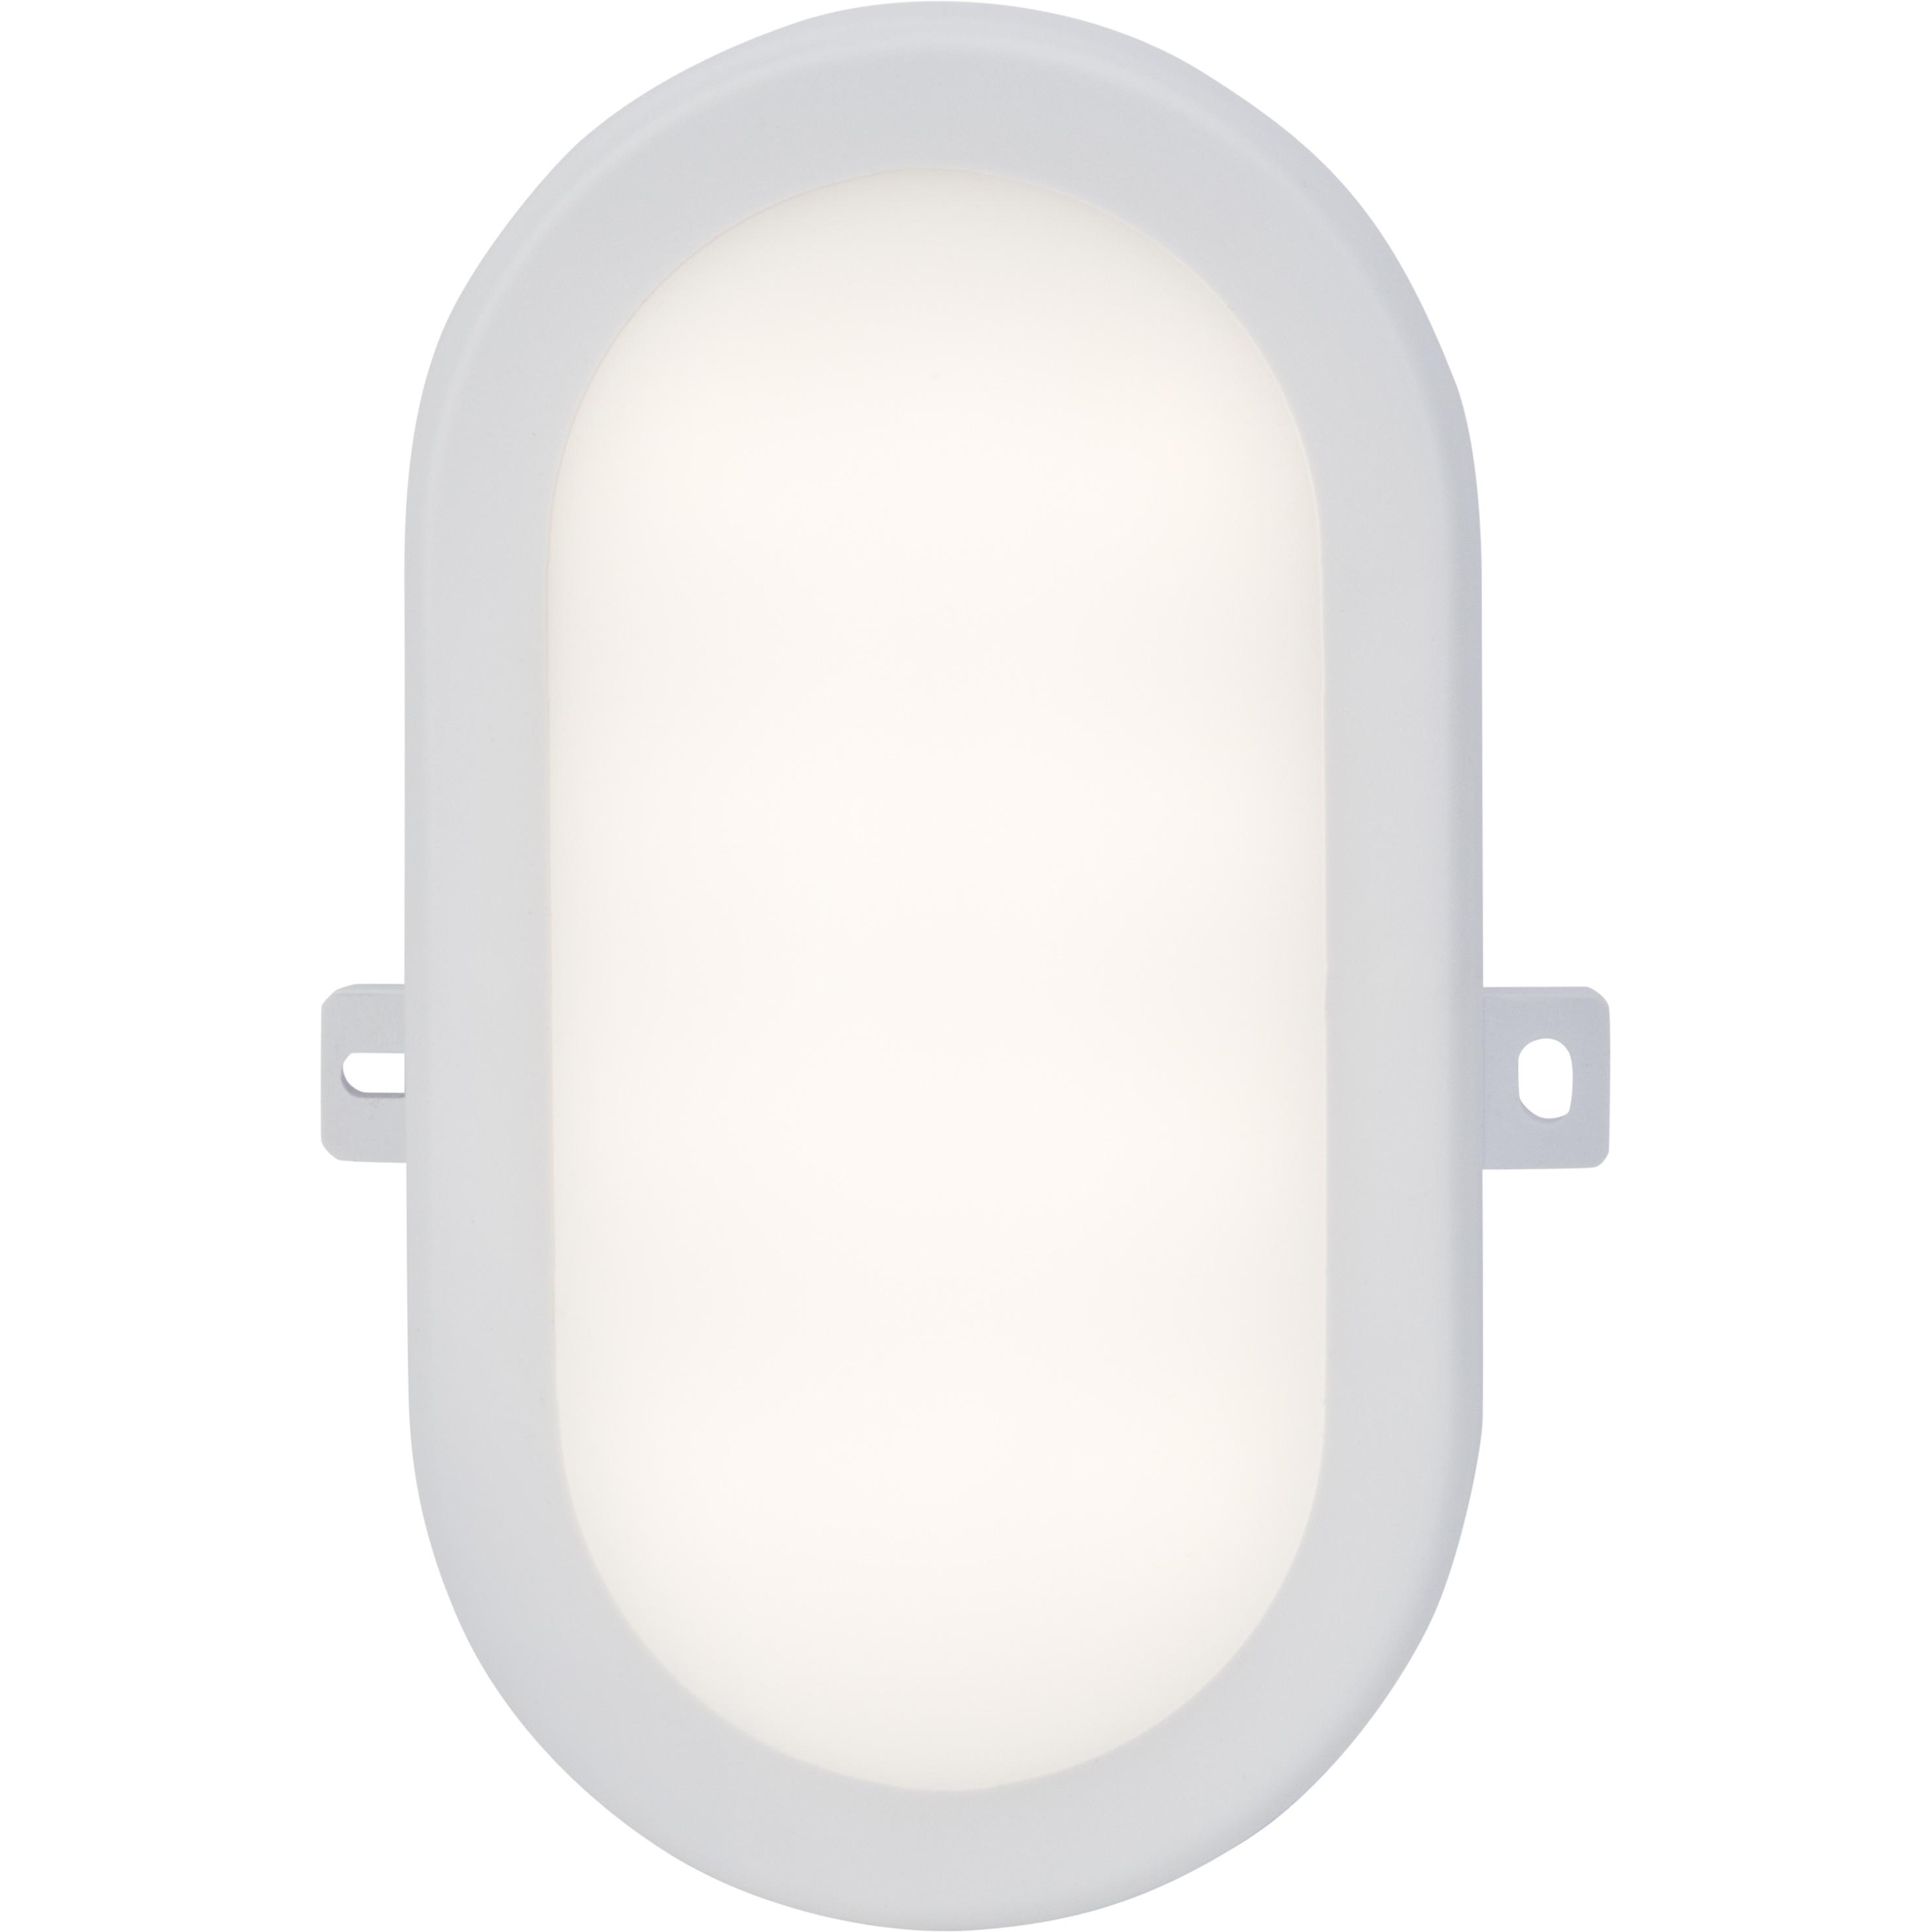 Brilliant Leuchten Tilbury LED Außenwand- und Deckenleuchte 17x12cm weiß